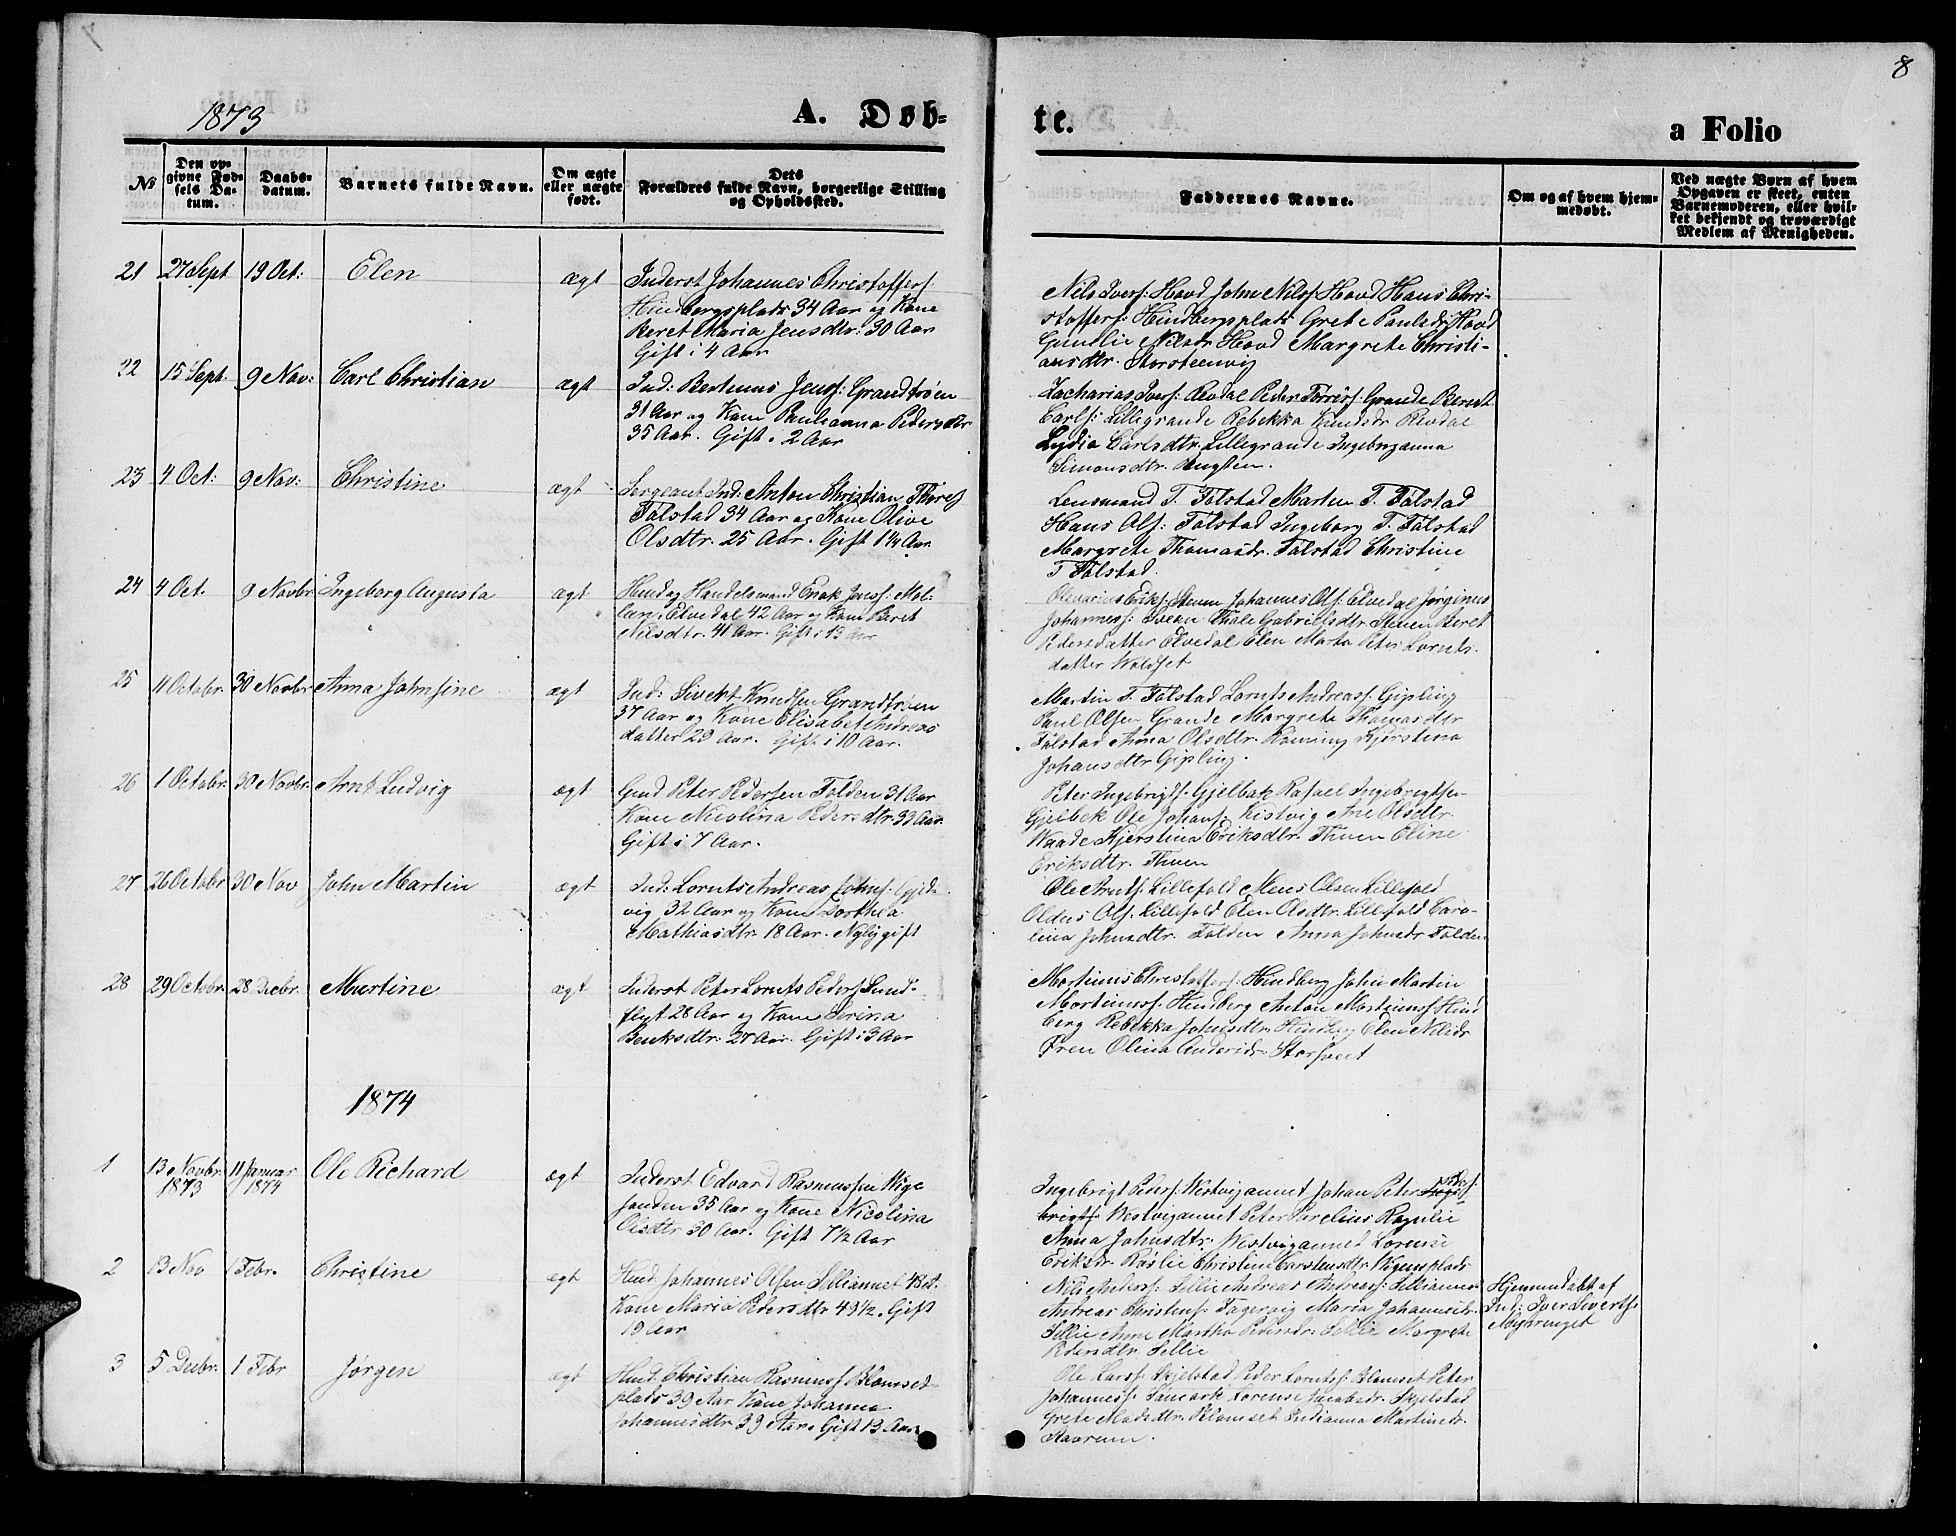 SAT, Ministerialprotokoller, klokkerbøker og fødselsregistre - Nord-Trøndelag, 744/L0422: Klokkerbok nr. 744C01, 1871-1885, s. 8